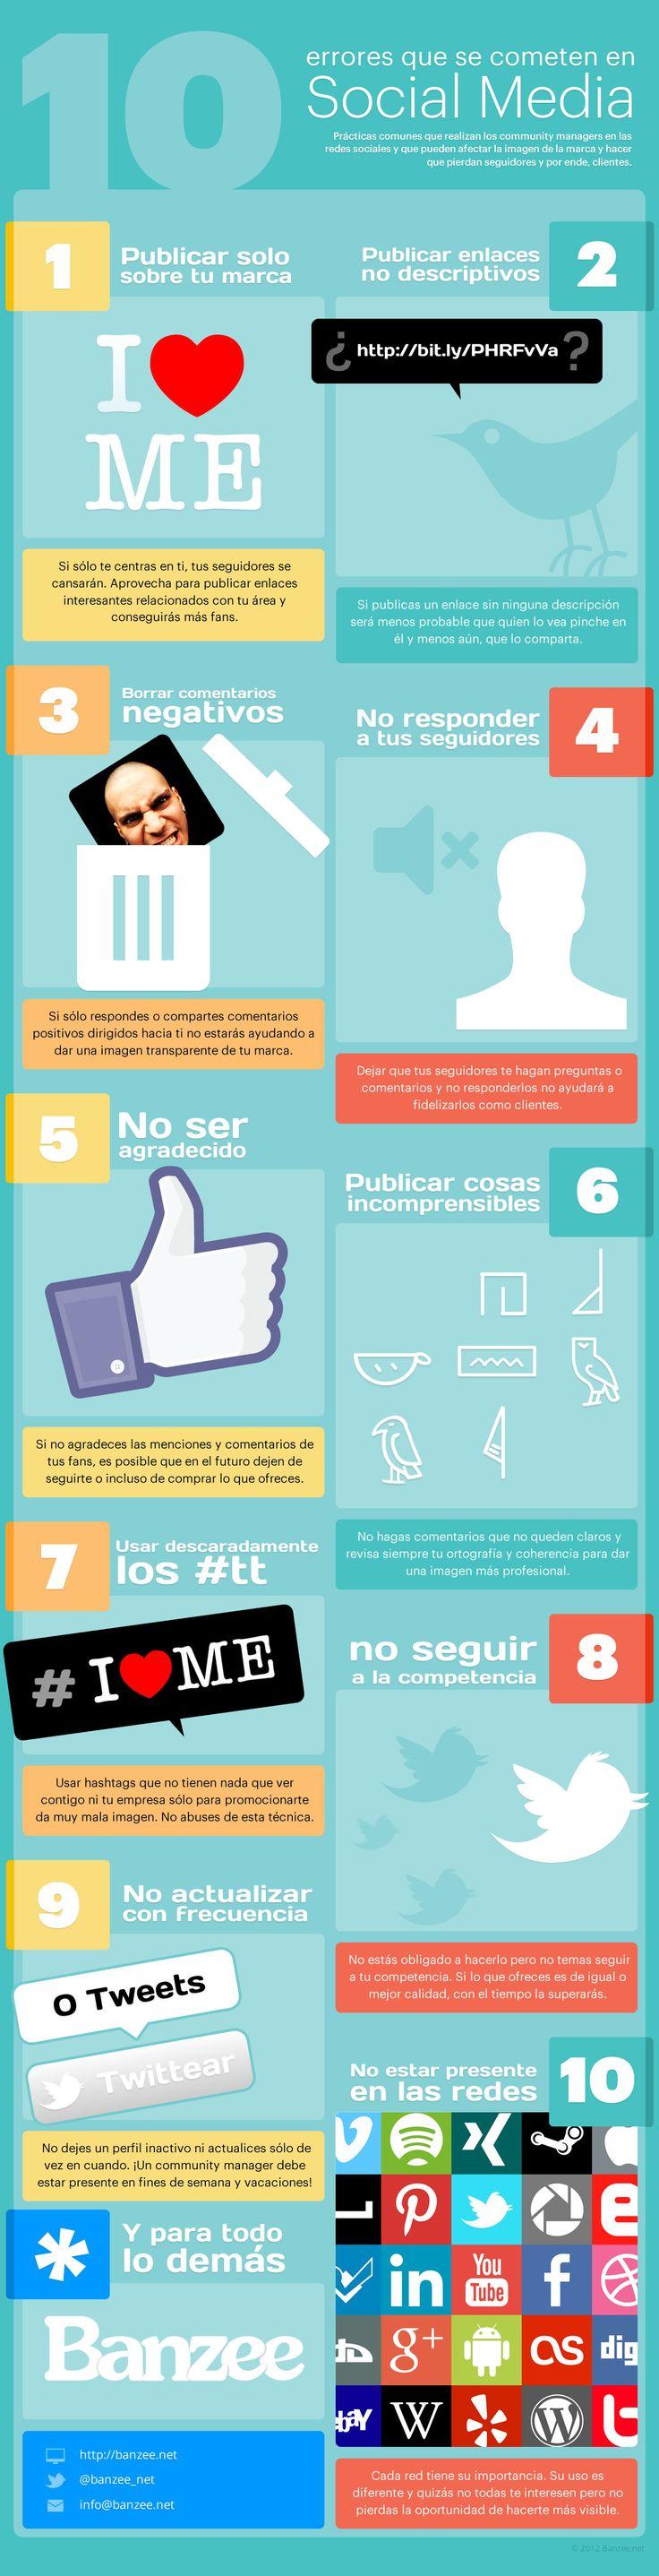 10 Errores que se cometen en Social Media en#Infografía